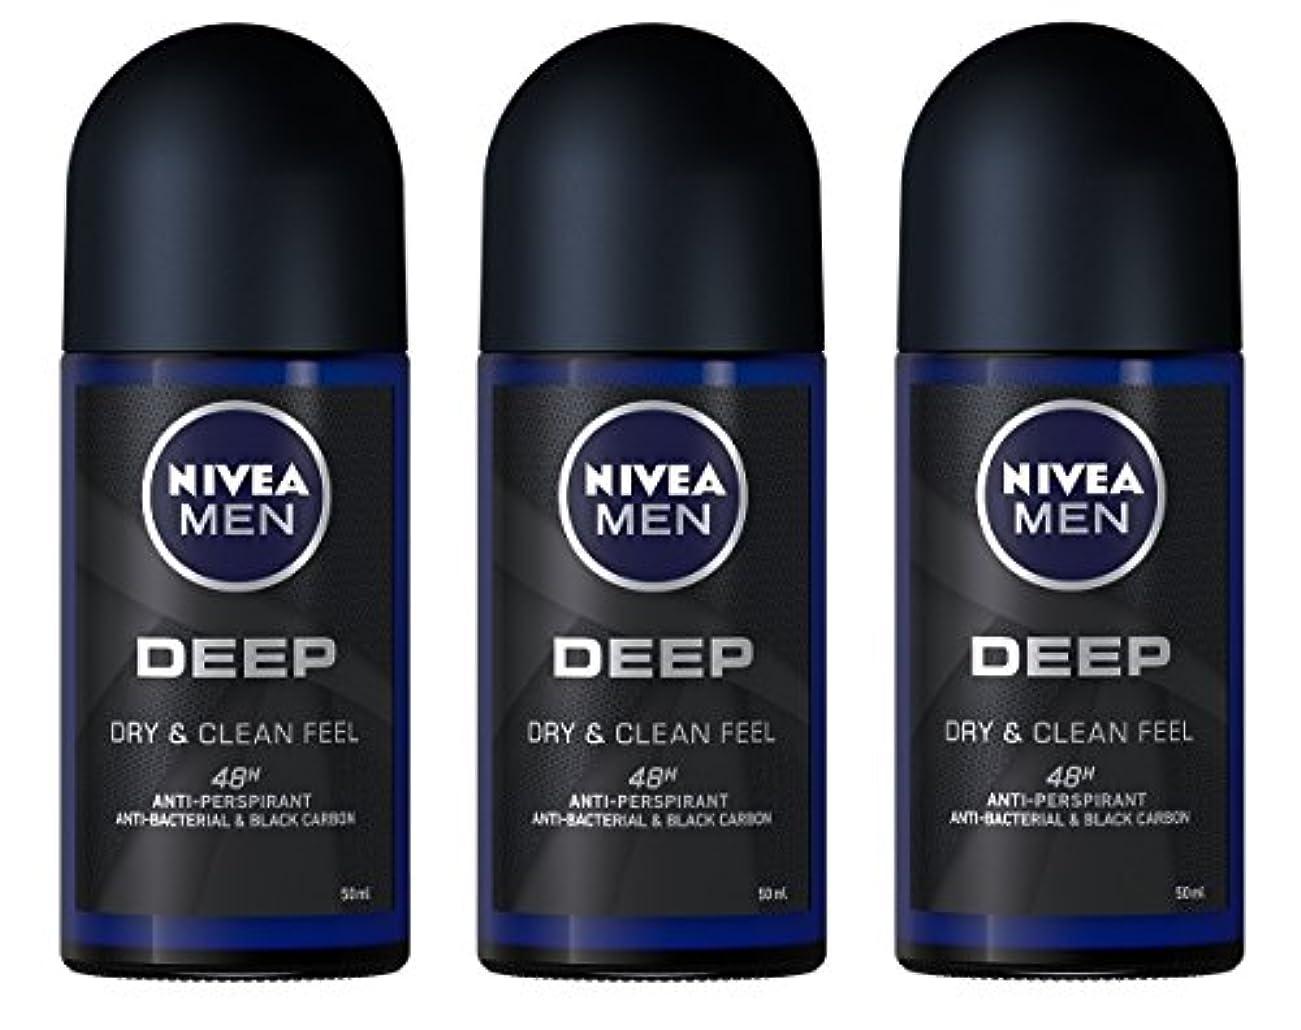 シネマロデオ舞い上がる(Pack of 3) Nivea Deep Anti-perspirant Deodorant Roll On for Men 50ml - (3パック) ニベア深い制汗剤デオドラントロールオン男性用50ml